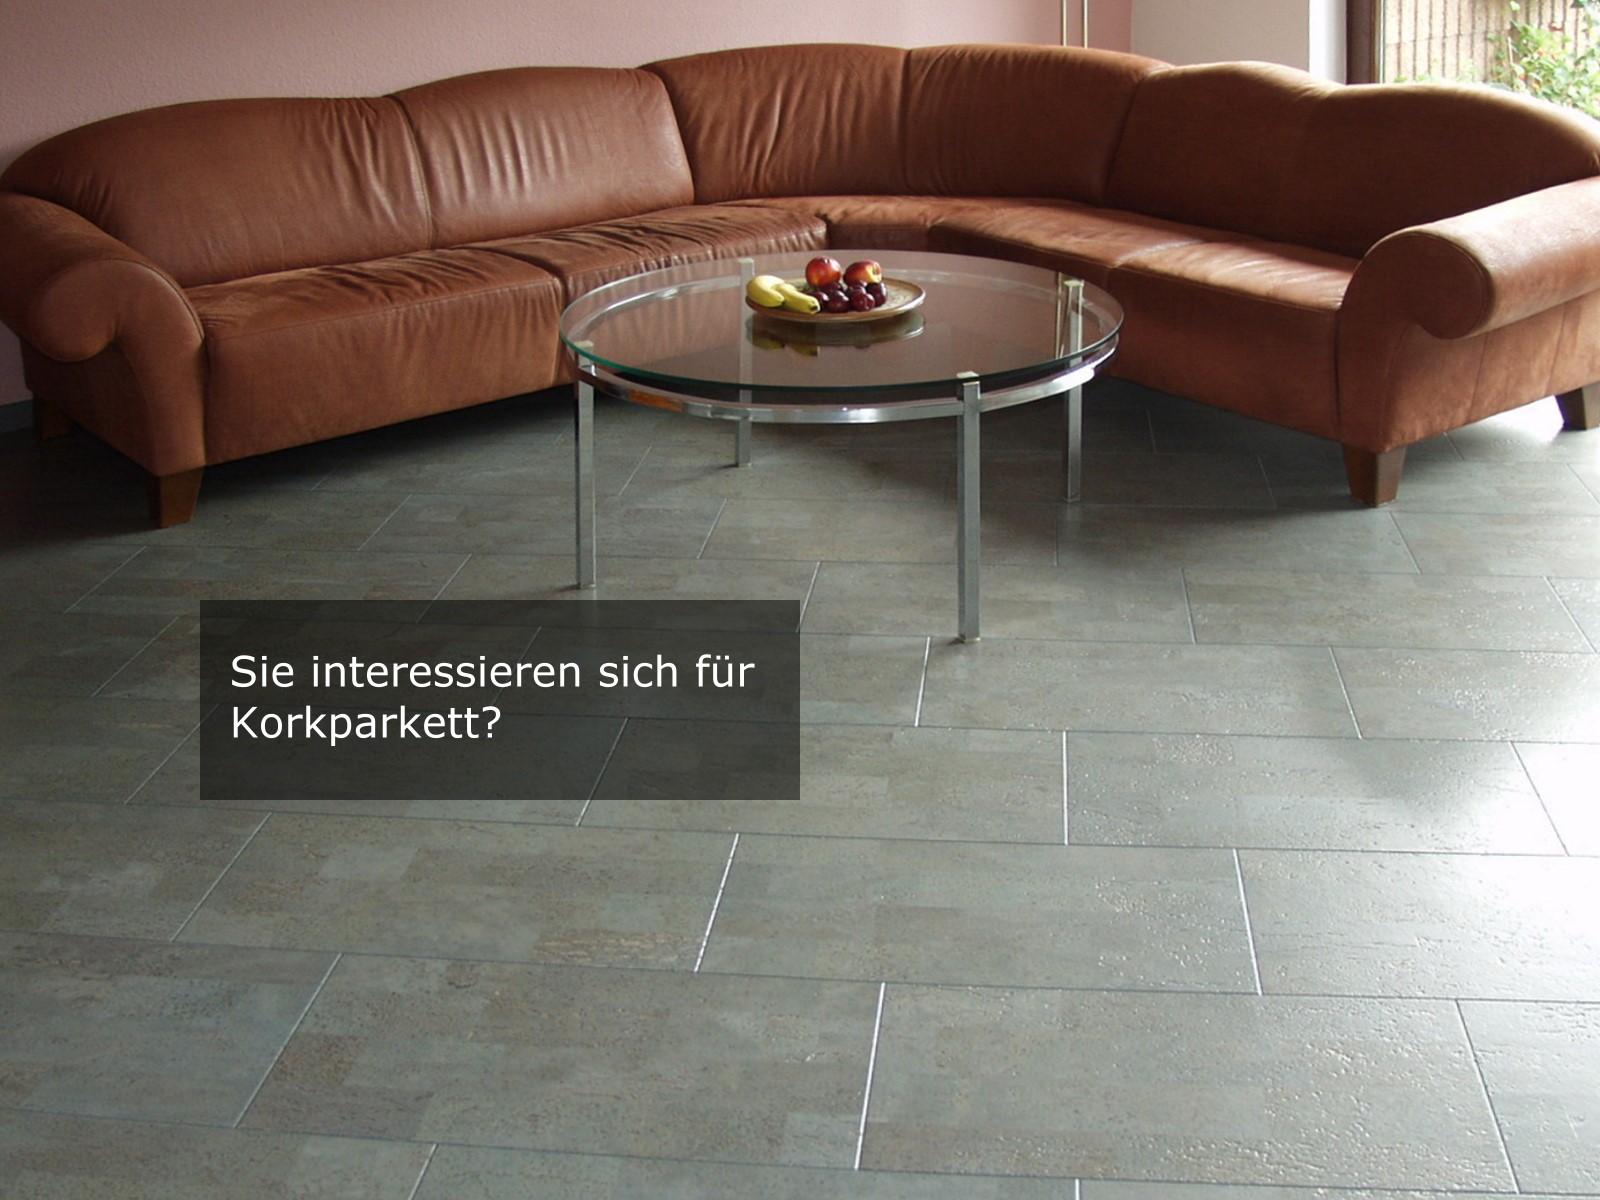 spezialist f r korkparkett und design vinyl boden struck. Black Bedroom Furniture Sets. Home Design Ideas